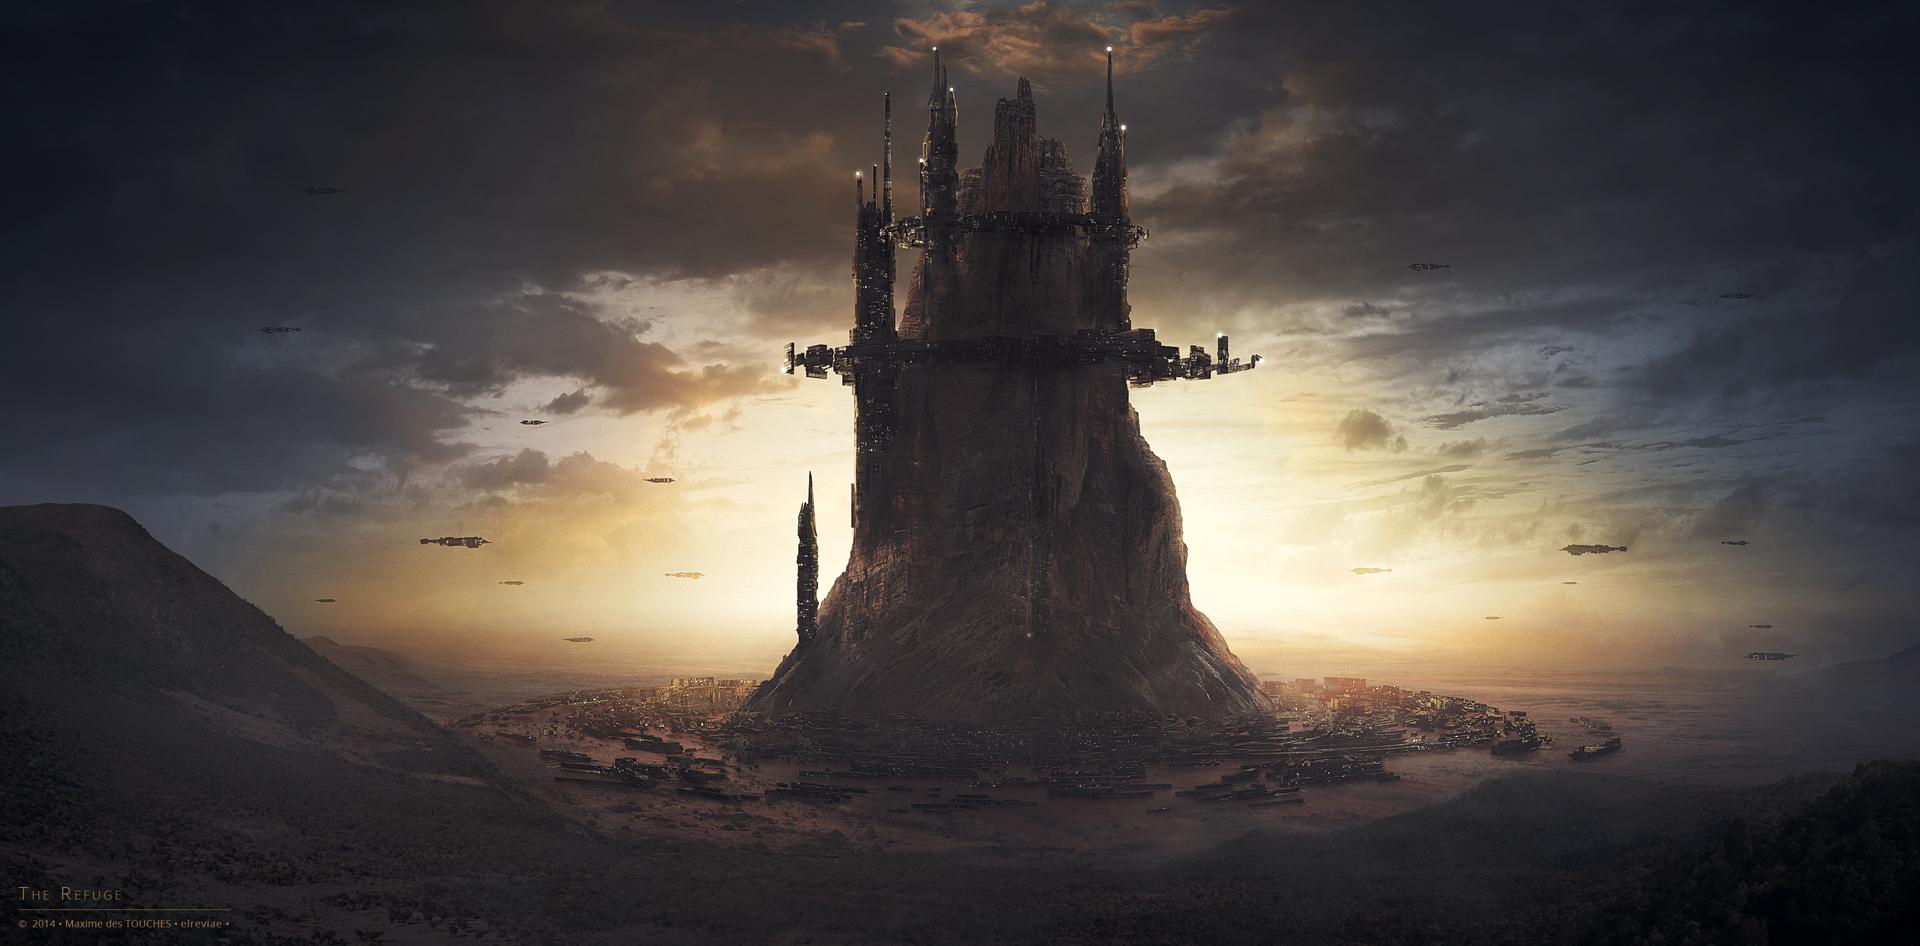 The Refuge science fiction artwork